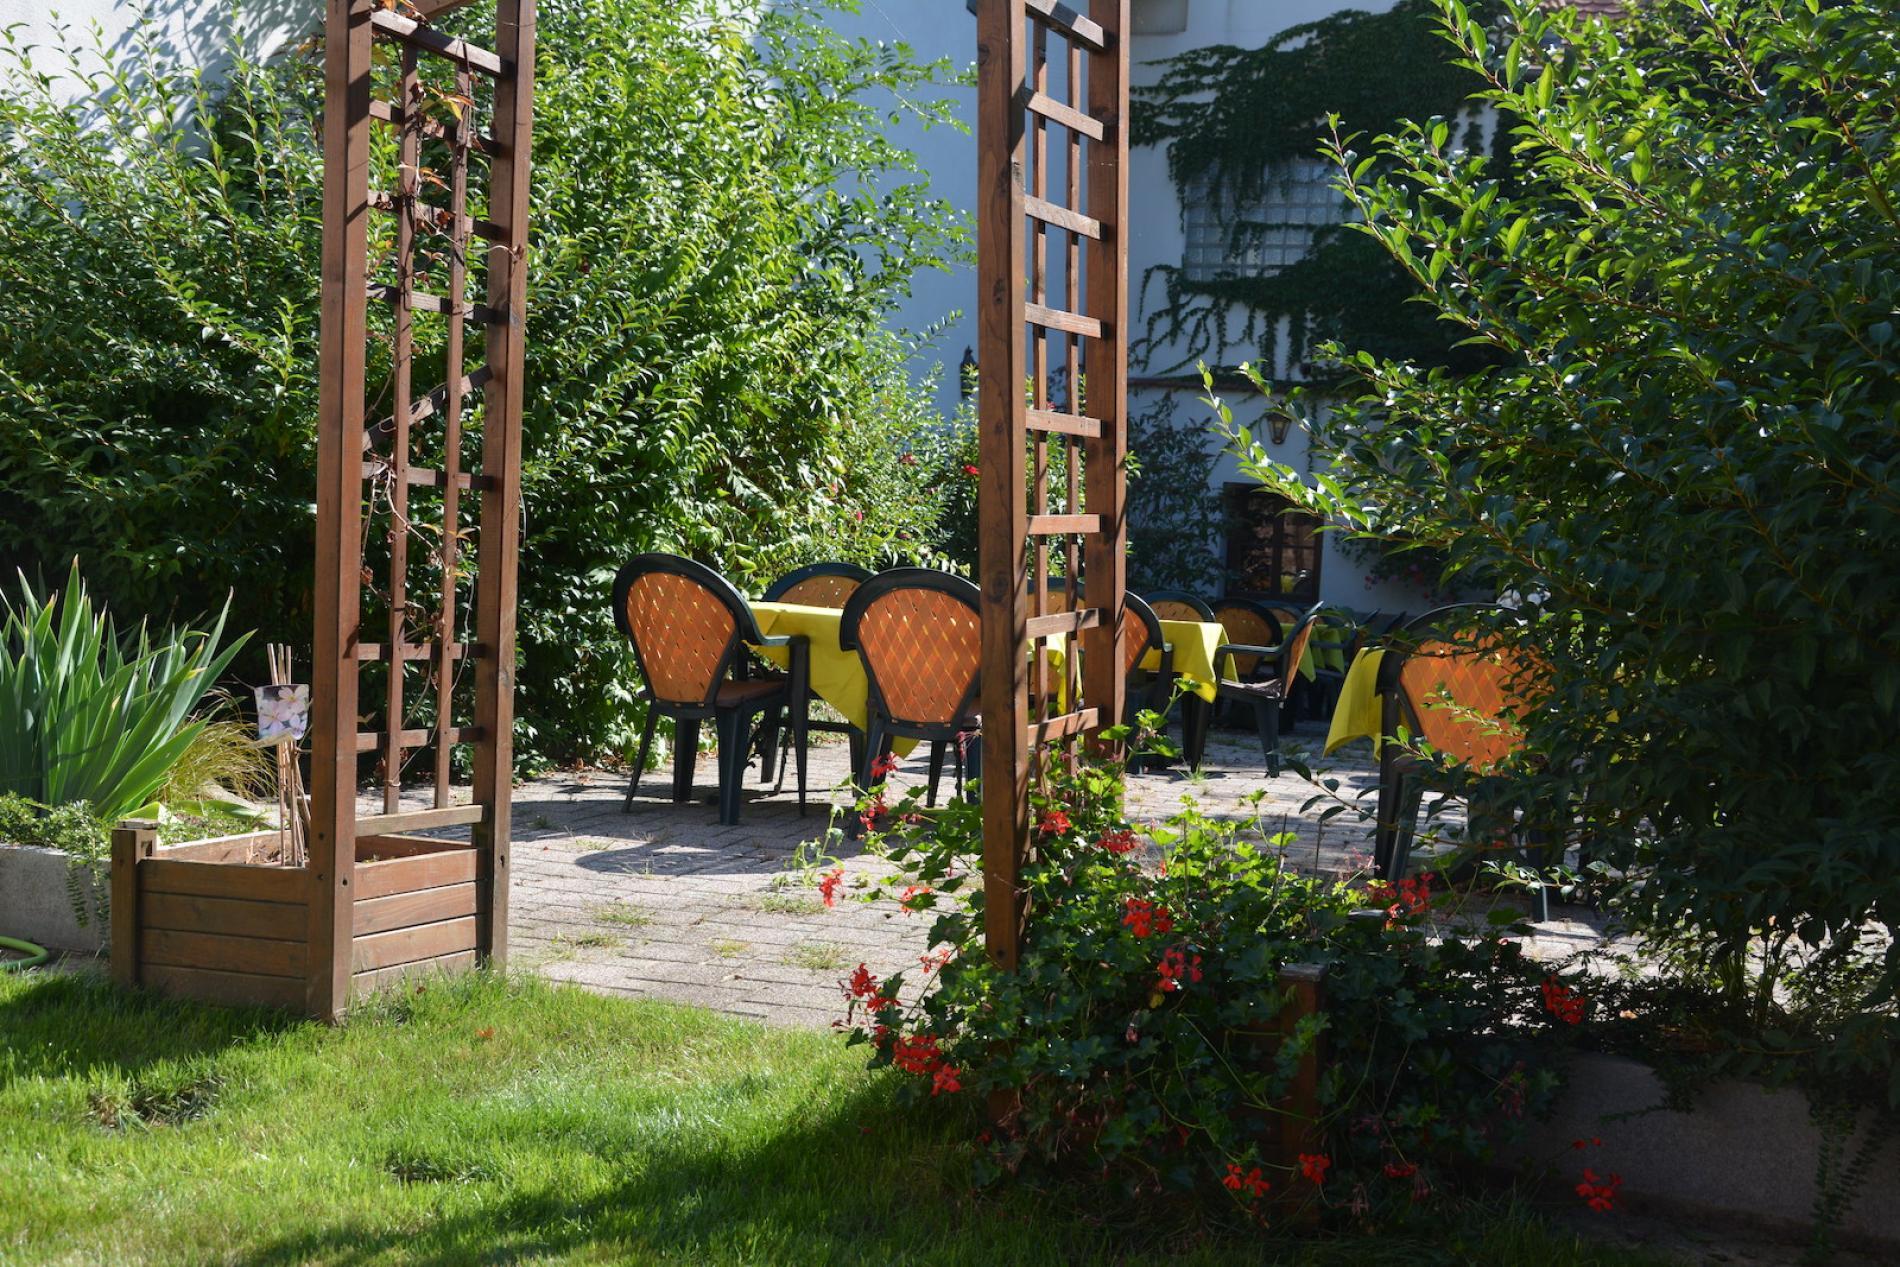 Hôtel*** à Molsheim sur la Route des Vins d'Alsace<br> Profitez du calme de notre patio fleuri.